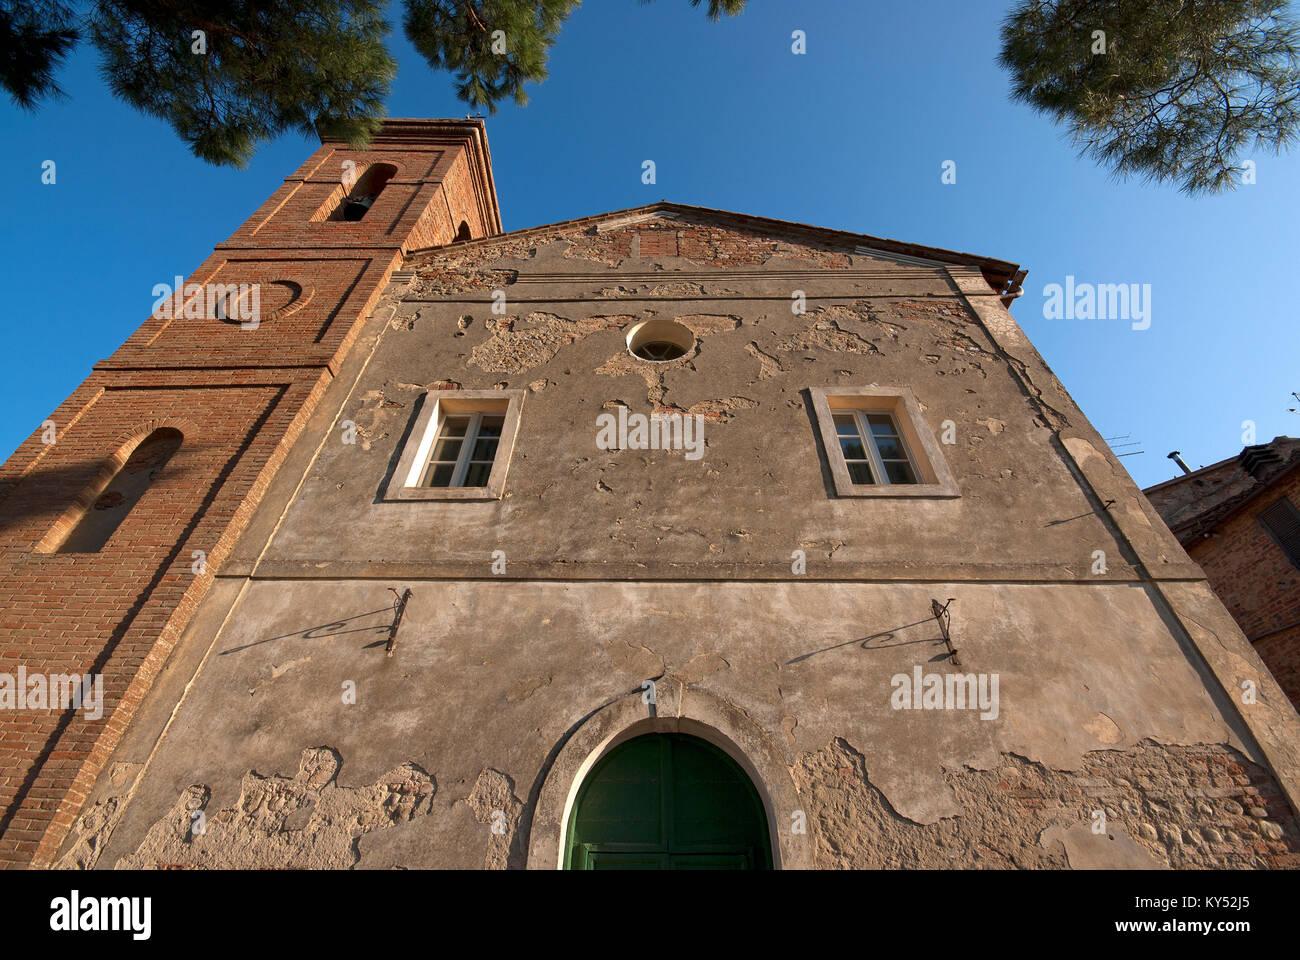 San Pietro Church, Città della Pieve, Umbria, Italy - Stock Image